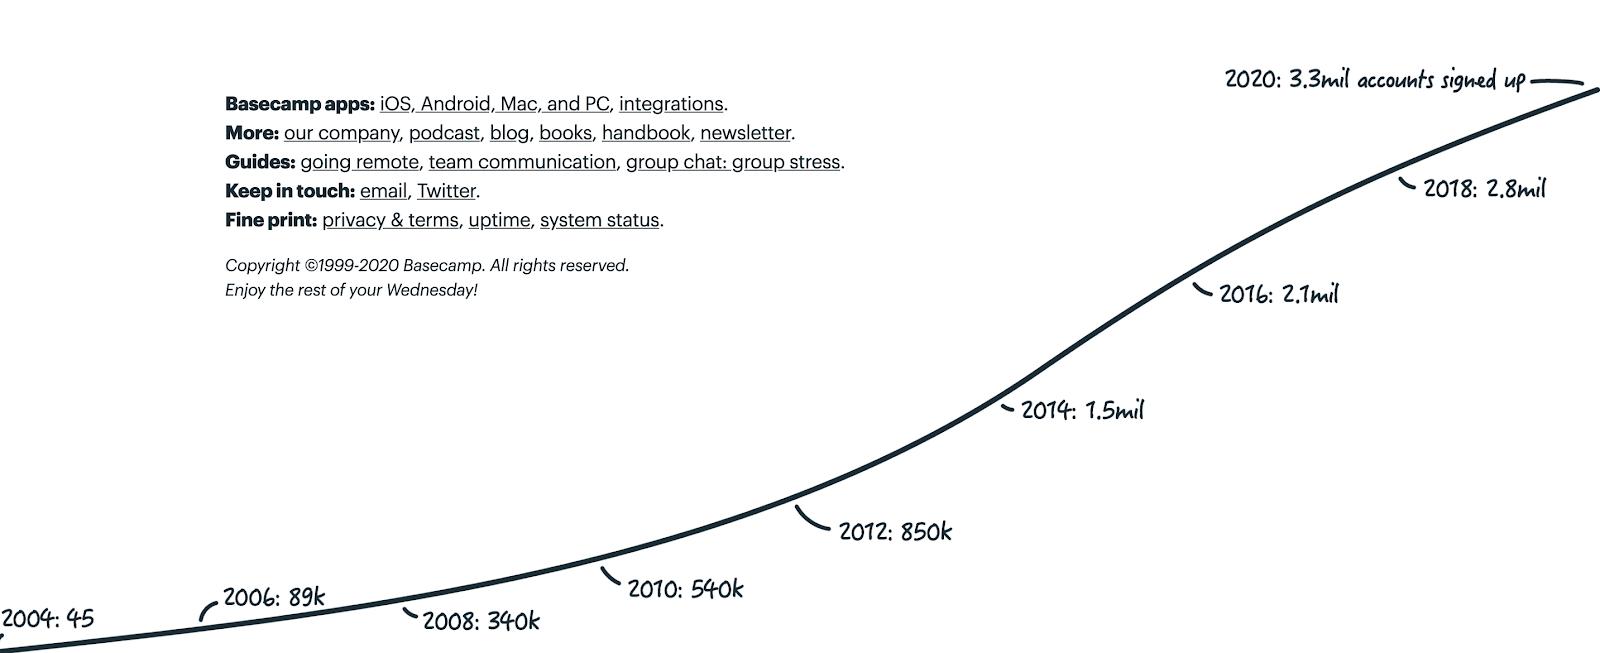 basecamp timeline